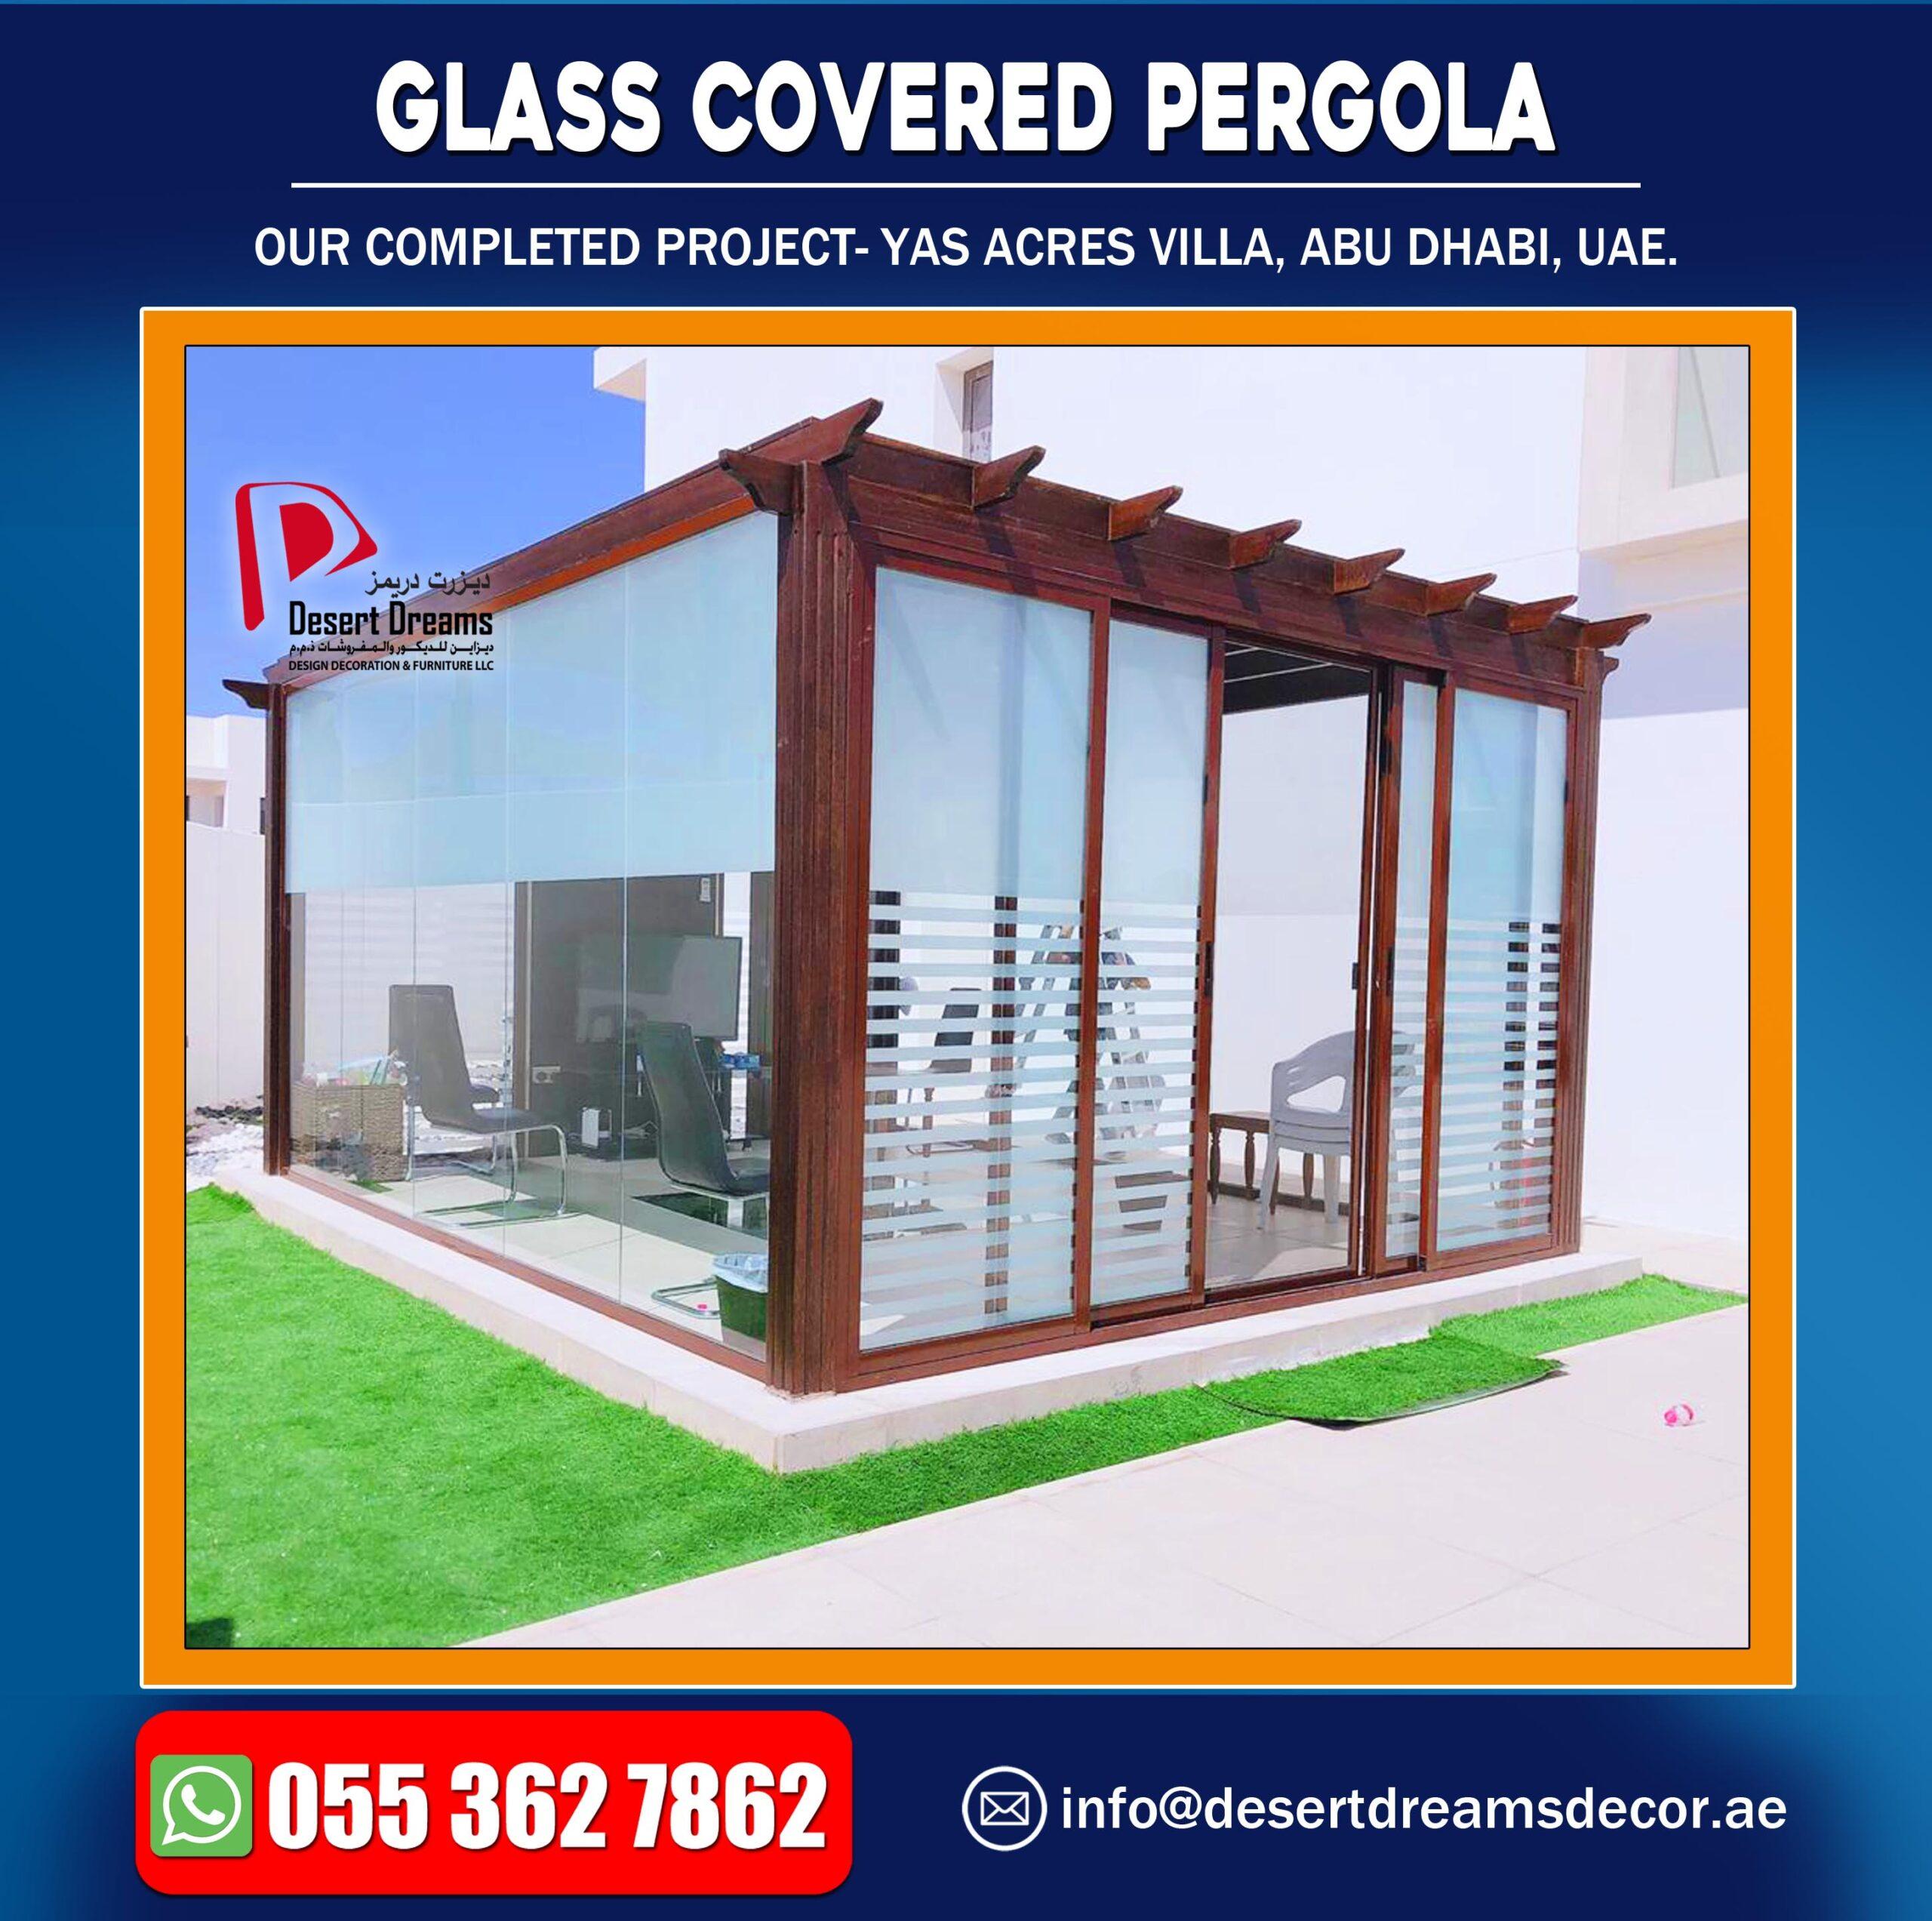 Glass Covered Pergola in UAE-3.jpg